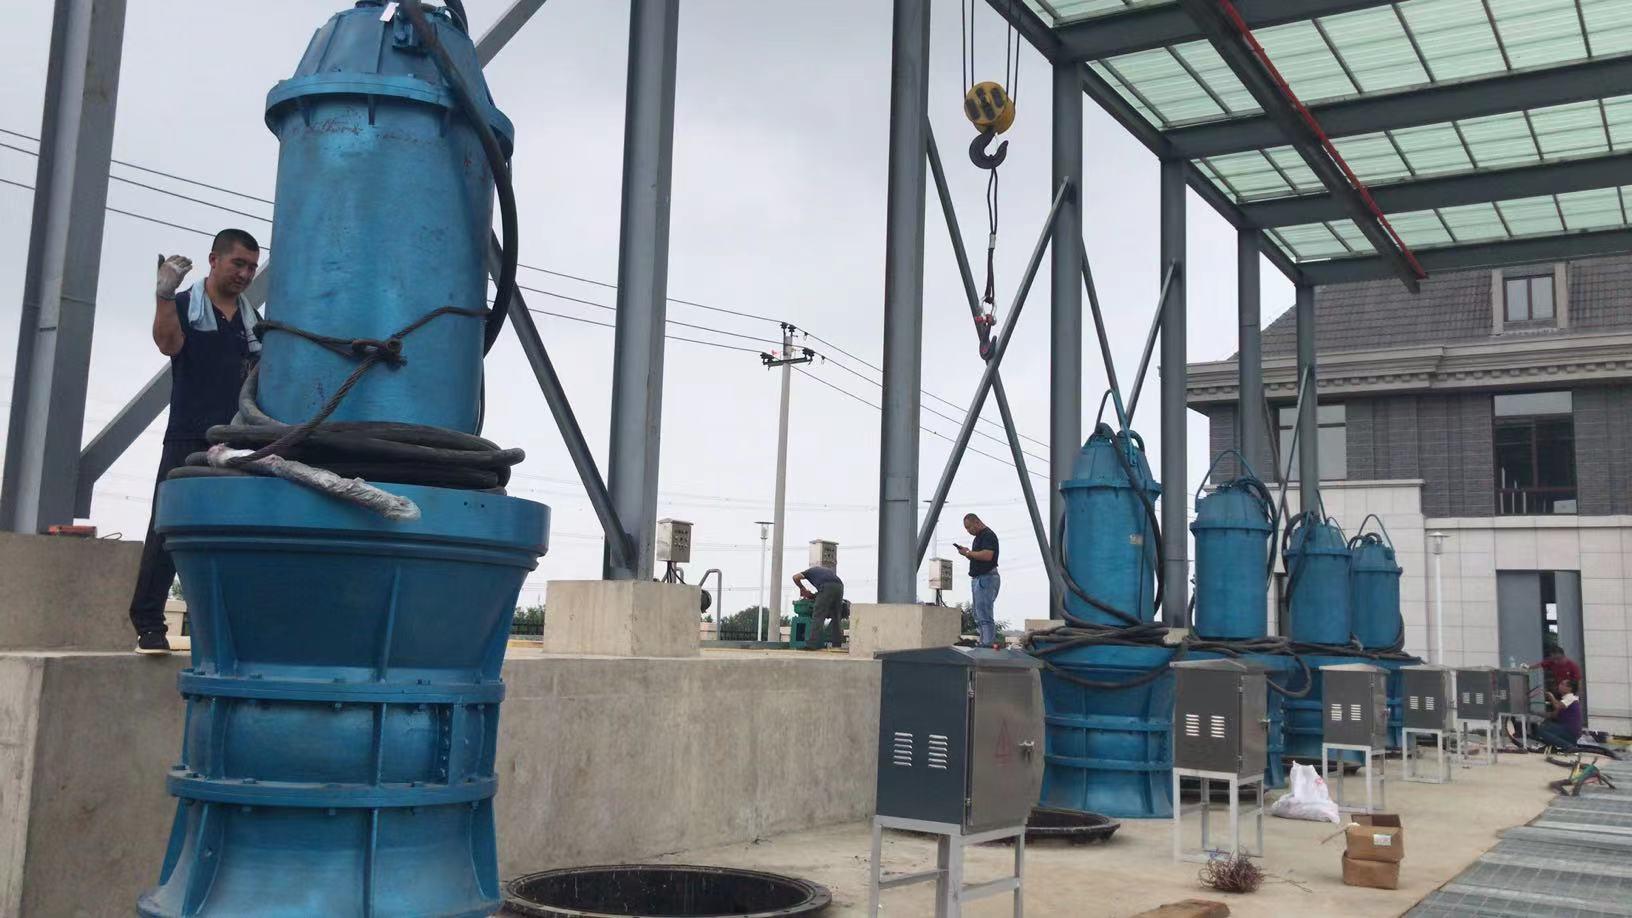 天津幸福河泵站280千瓦潜水轴流泵安装现场第1张-潜水电机-潜水电泵-高压潜水电机-天津潜成泵业